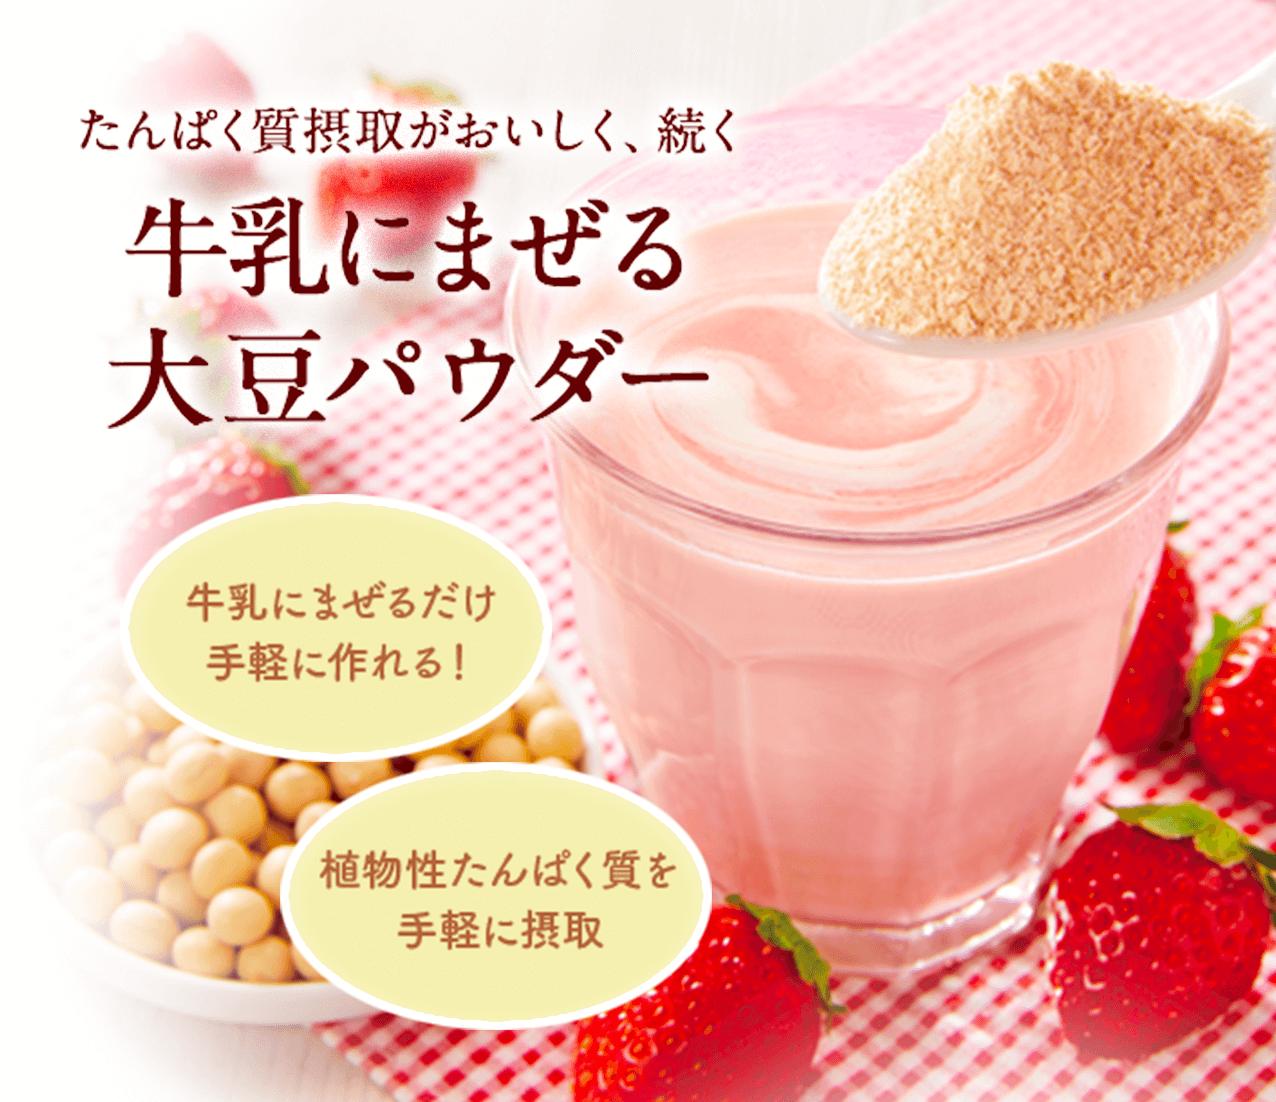 たんぱく質摂取が美味しく続く 牛乳にまぜる大豆パウダー